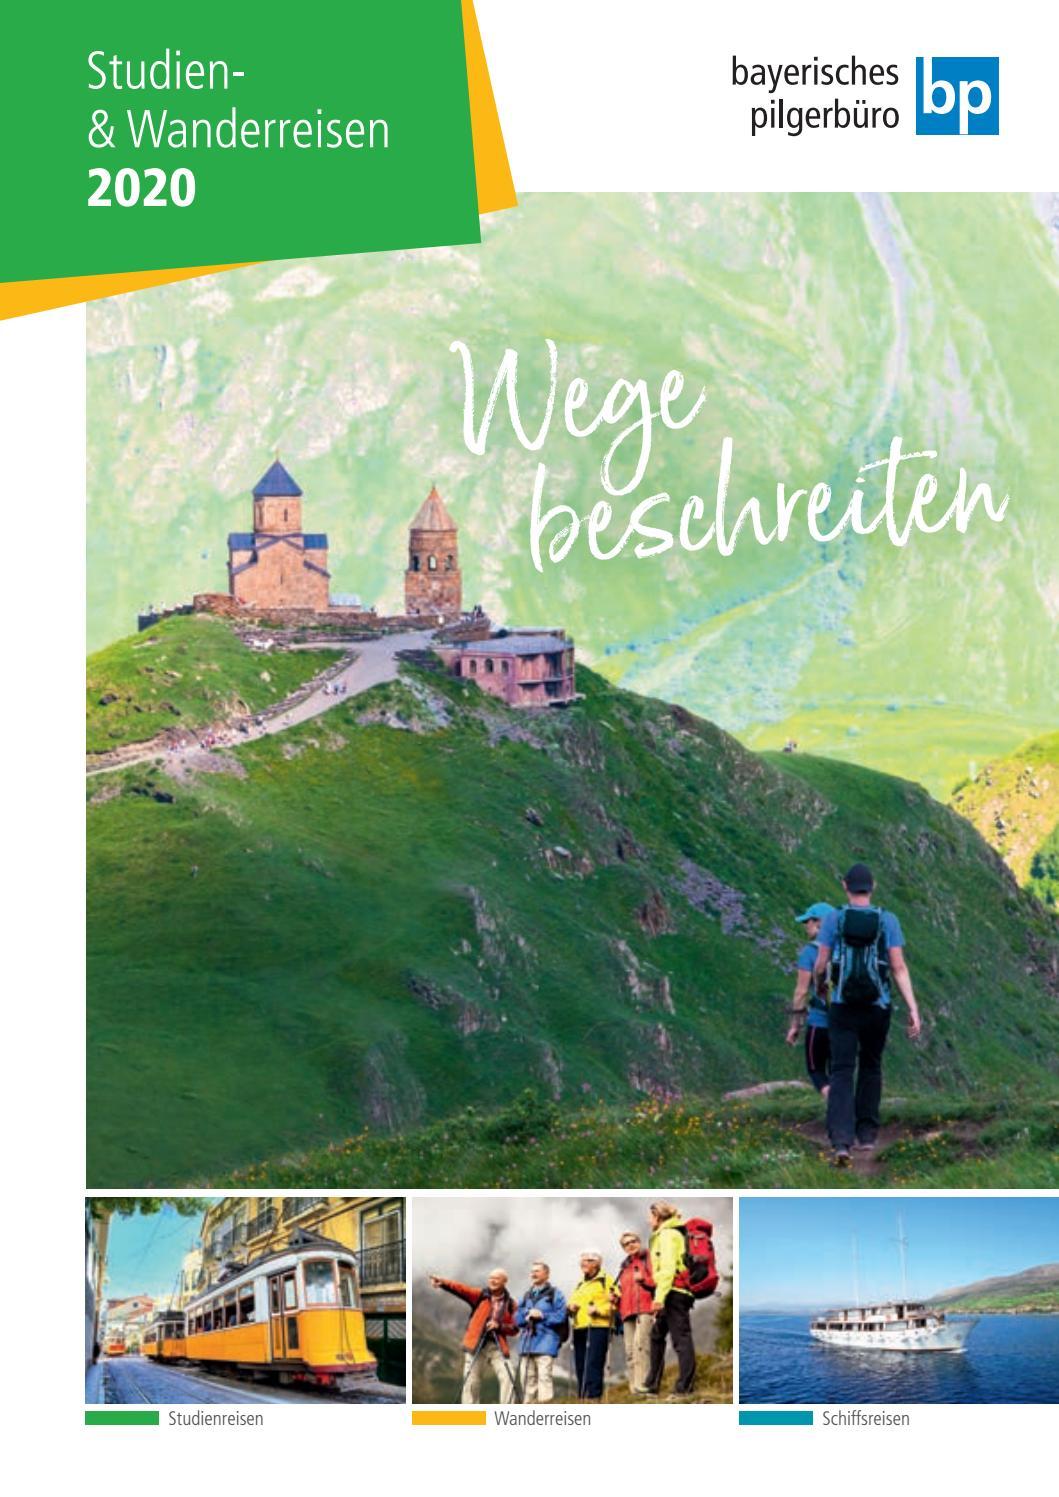 Reiseblog Attraktionen In Munchen Die Top 10 Sehenswurdigkeiten